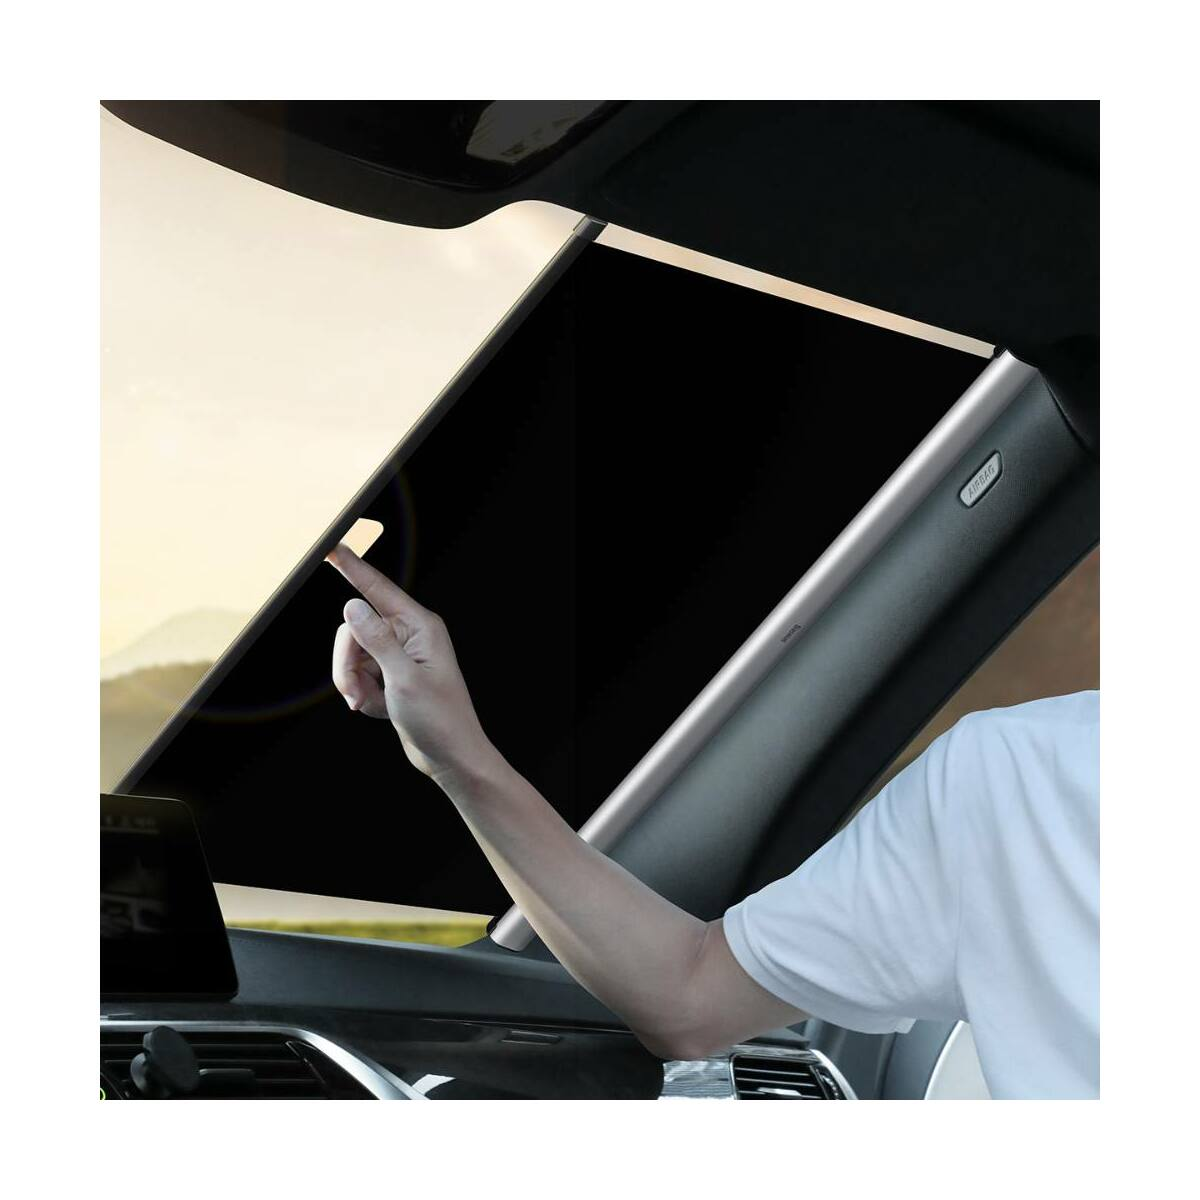 Baseus autós kiegészítő, Első szélvédőre tapadókorongos rögzítéssel szerelhető napellenző, összehúzható, max 1,4m, ezüst (CRZYD-B0S)